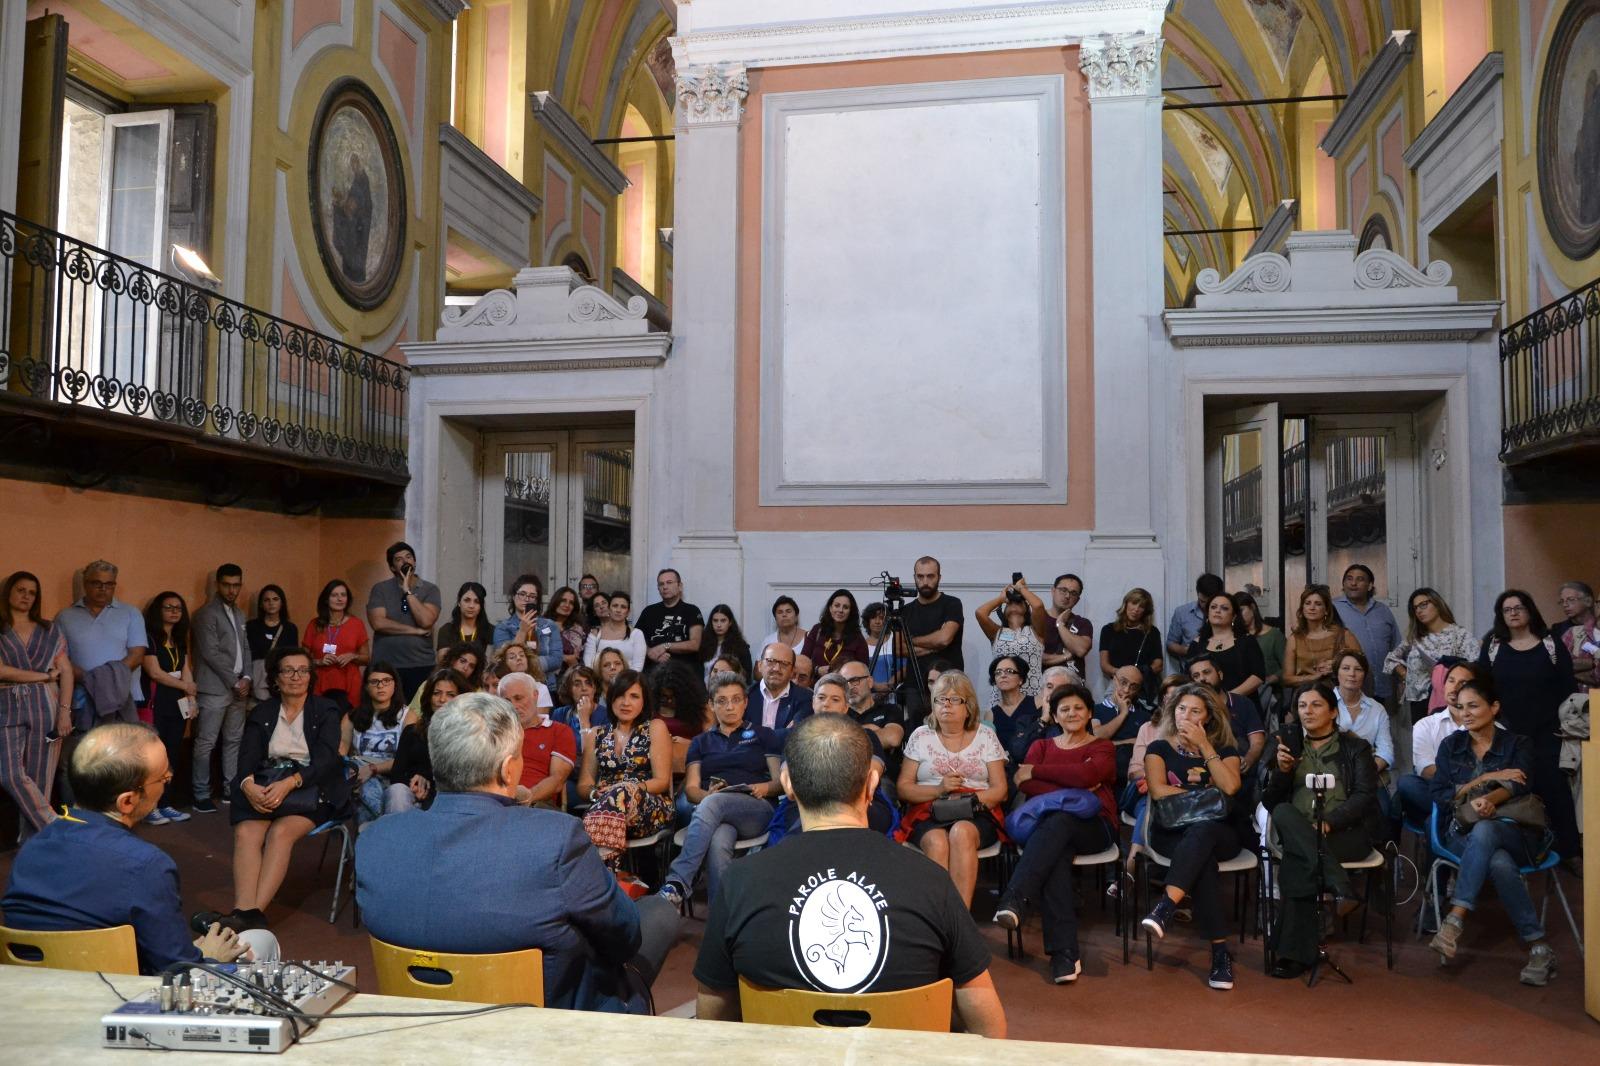 Fiera del libro a Napoli, un successo con 10000 visitatori